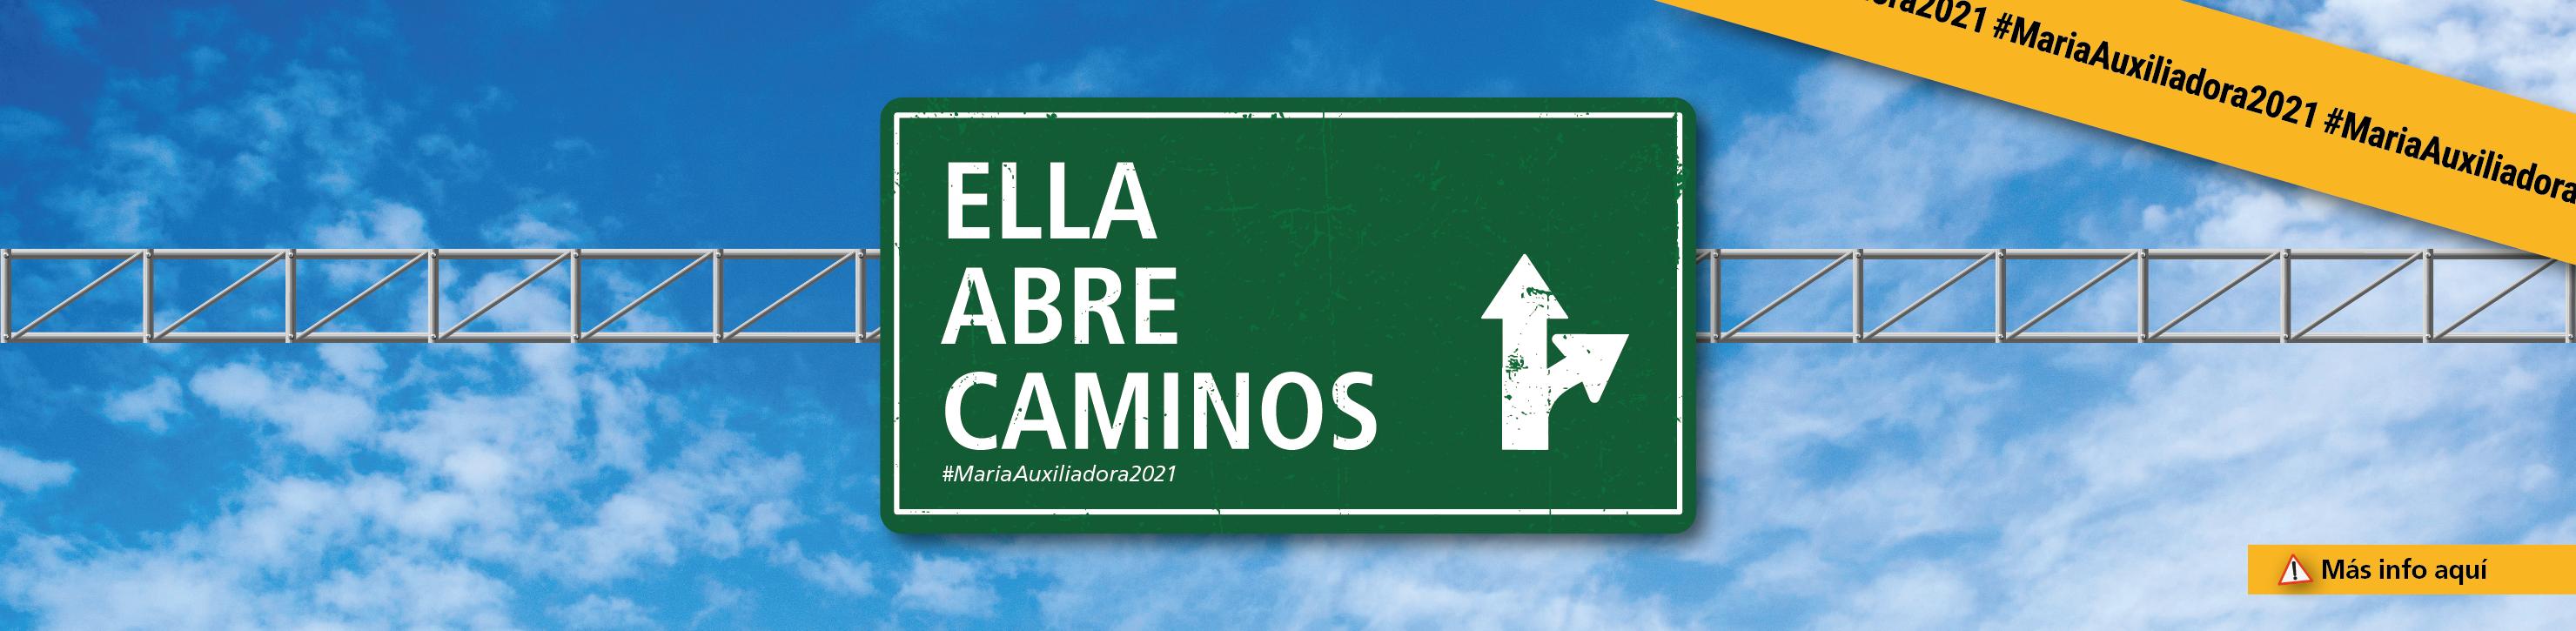 Ella abre caminos - #MariaAuxiliadora2021